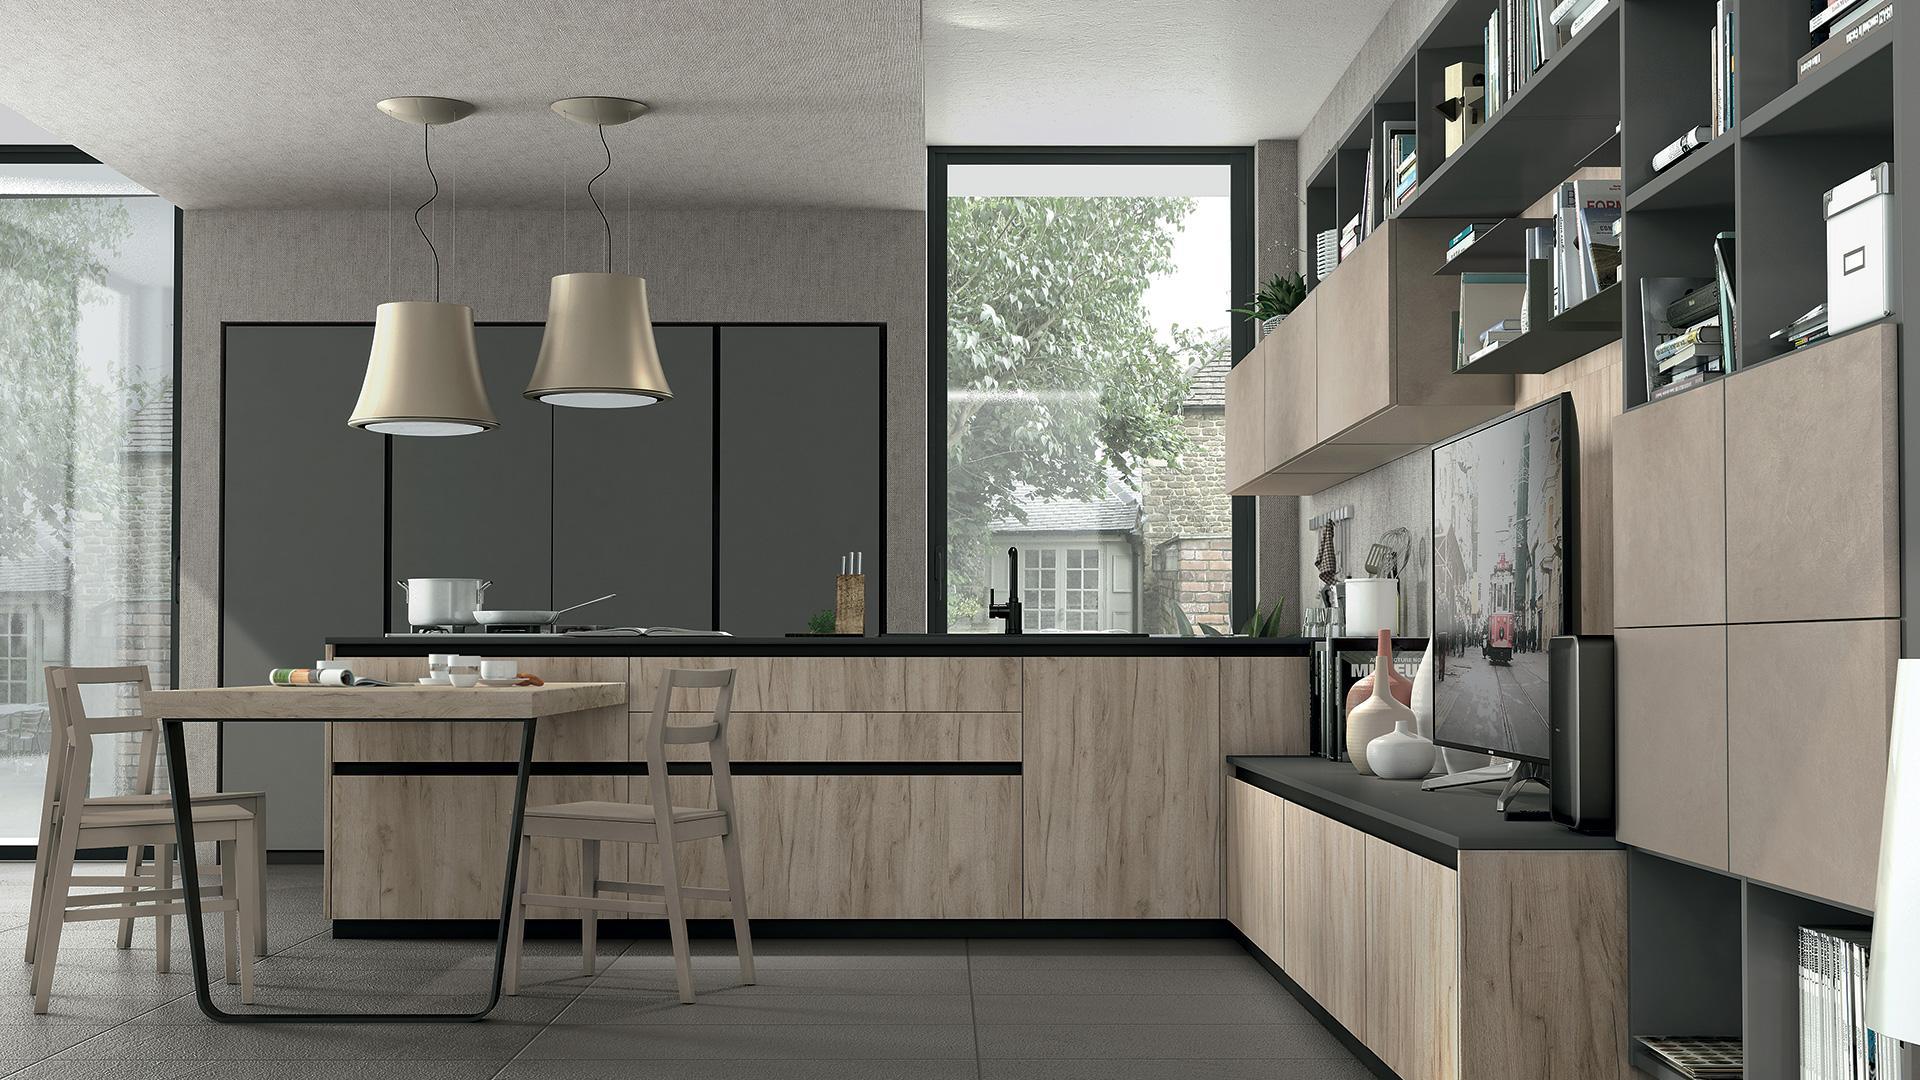 Rizzo Arreda Lube Arredamenti Paderno Dugnano   Cucine Moderna Immagina